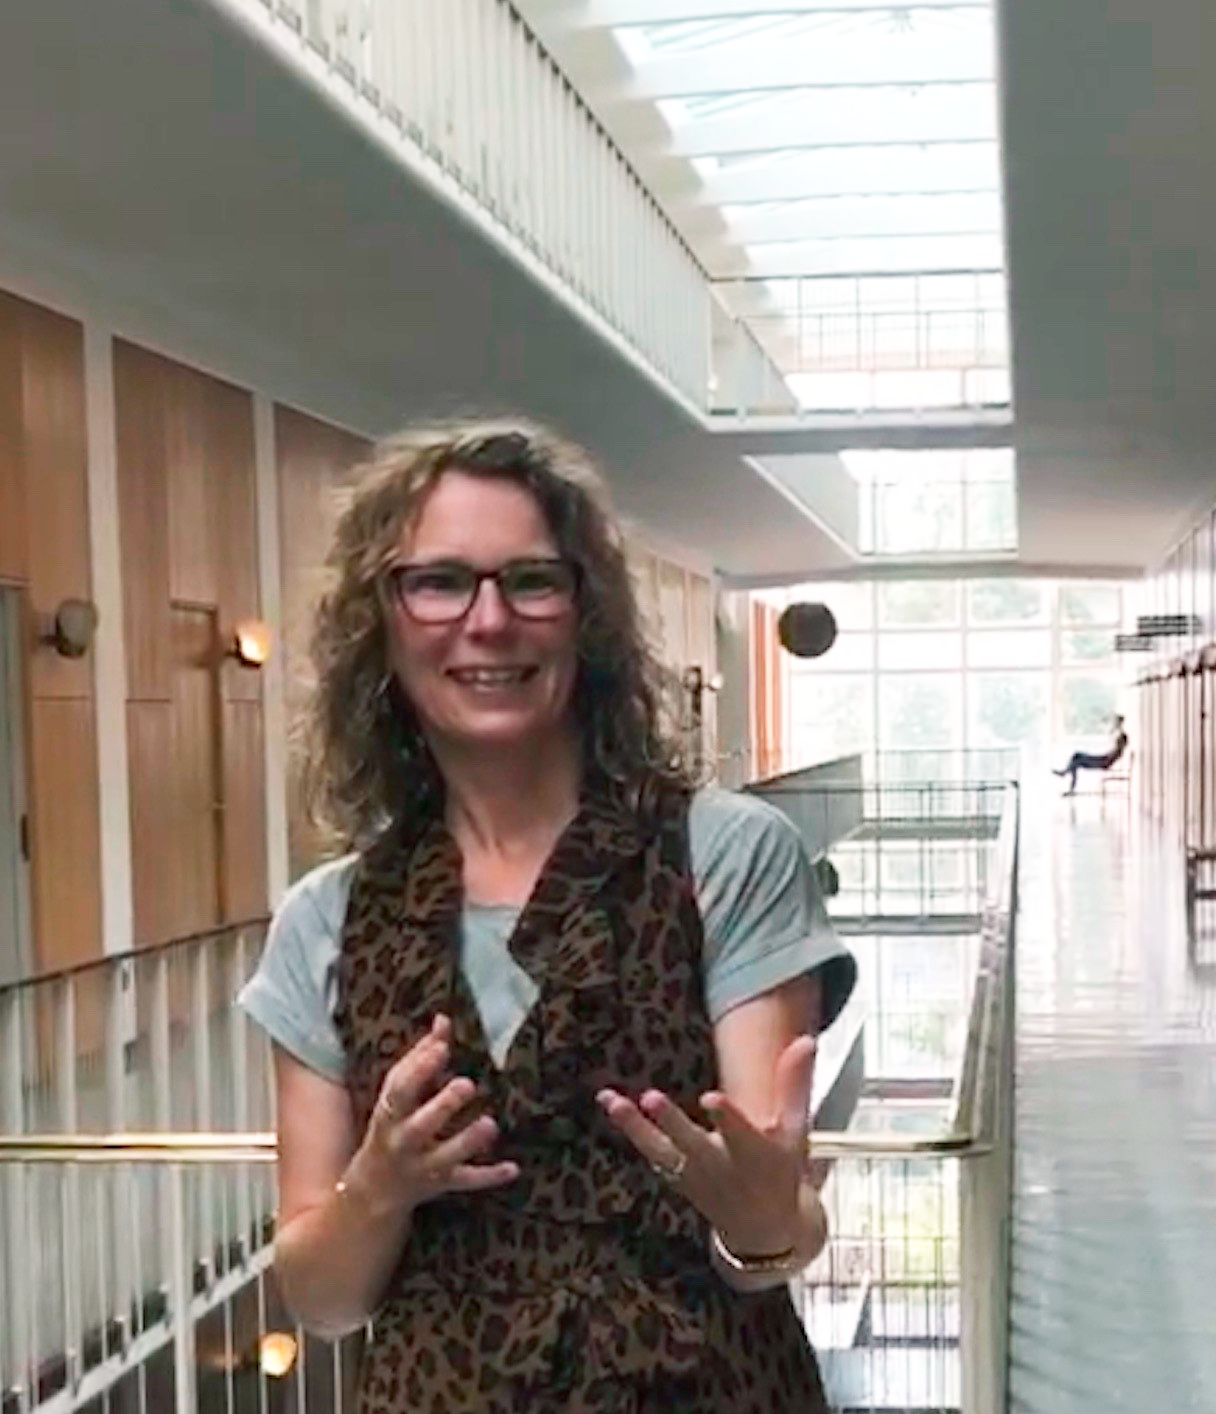 Jannie Lindberg Sundgaard, Kommunikationskonsulent ved Sundhed og Omsorg i Aarhus Kommune